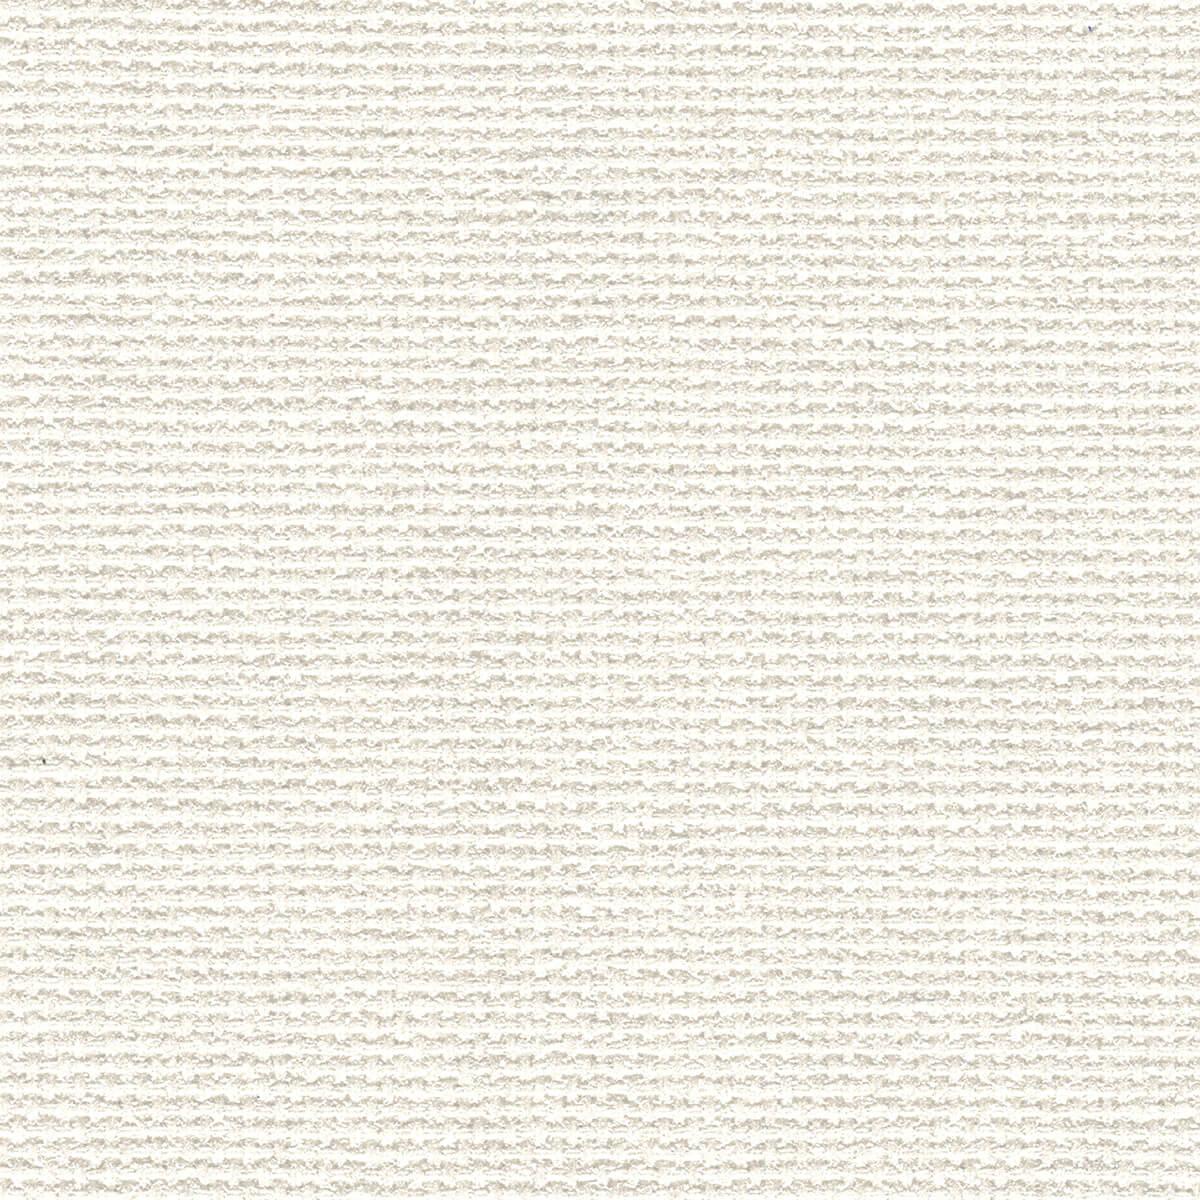 پرده شید با سبک مدرن | جنس پلی استر | کد VSH18| گروه وراتی